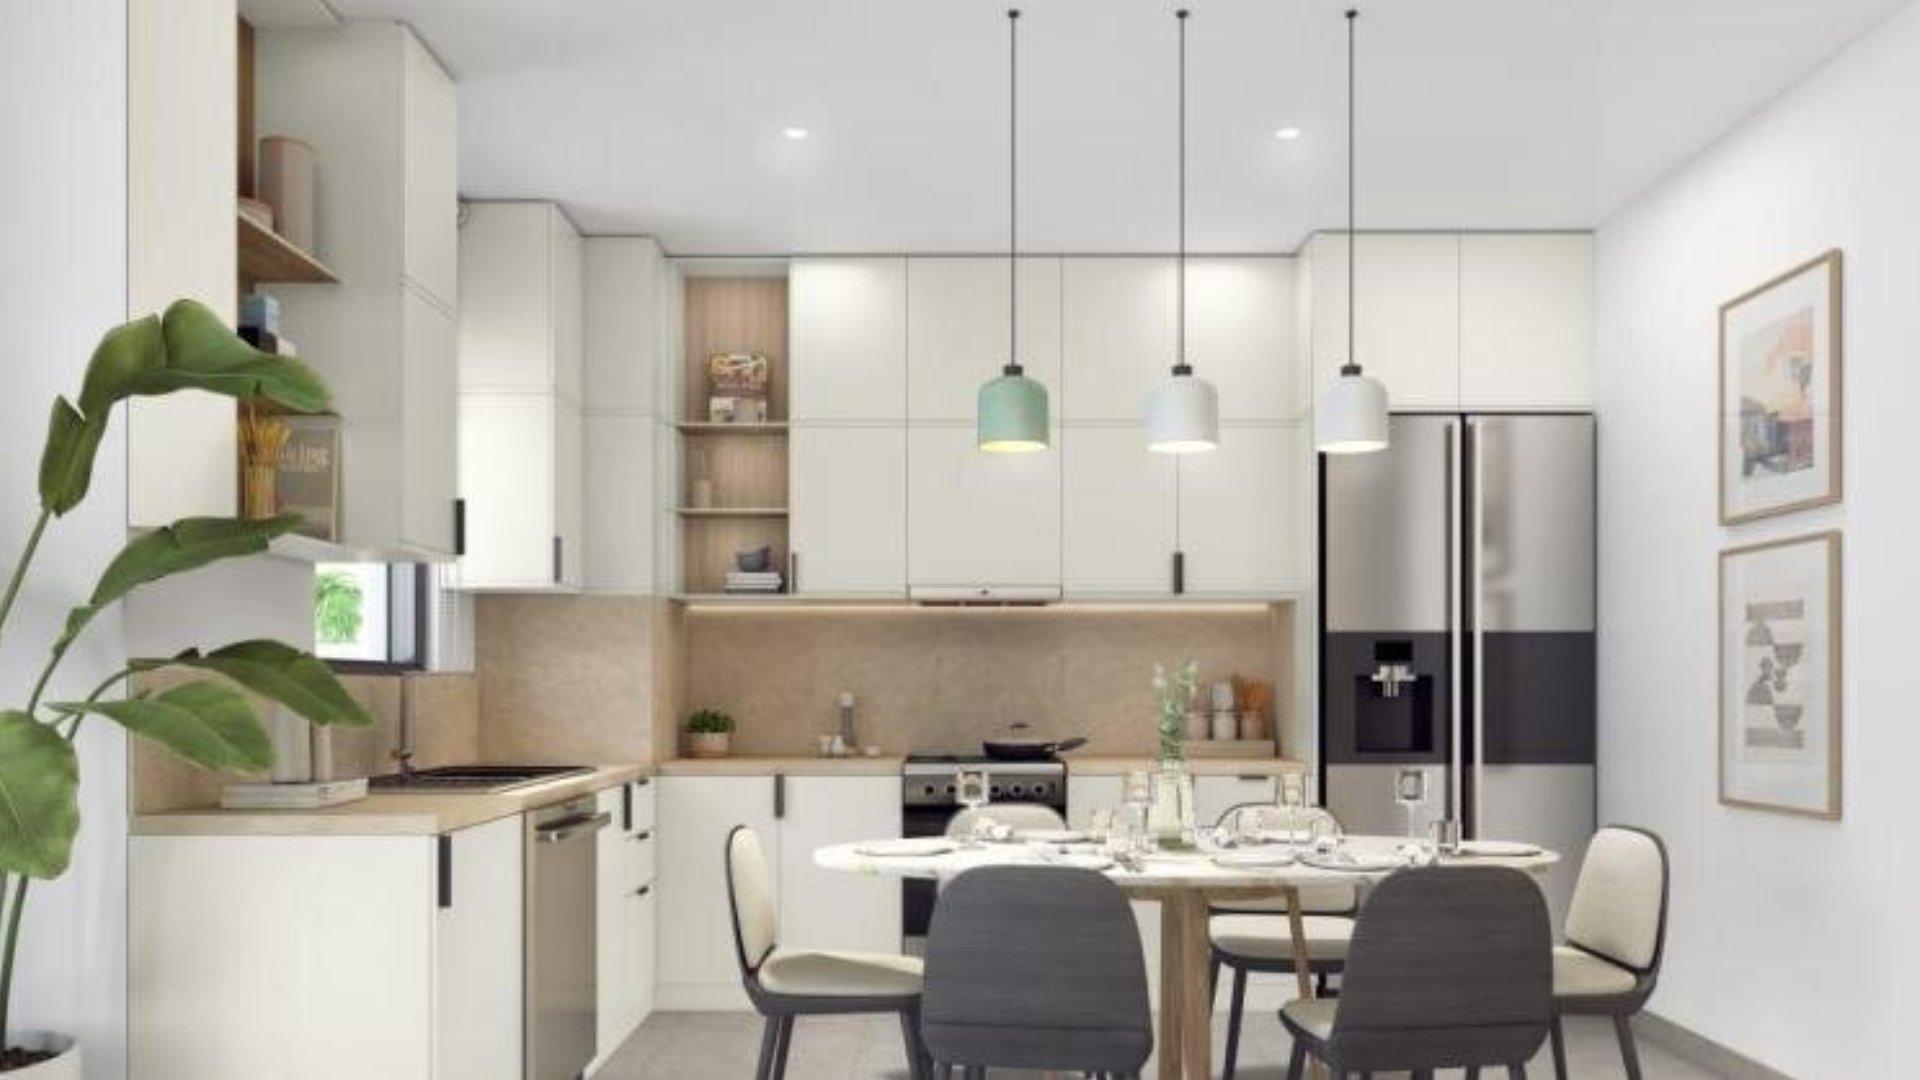 Adosado en venta en Dubai, EAU, 4 dormitorios, 231 m2, № 24352 – foto 2